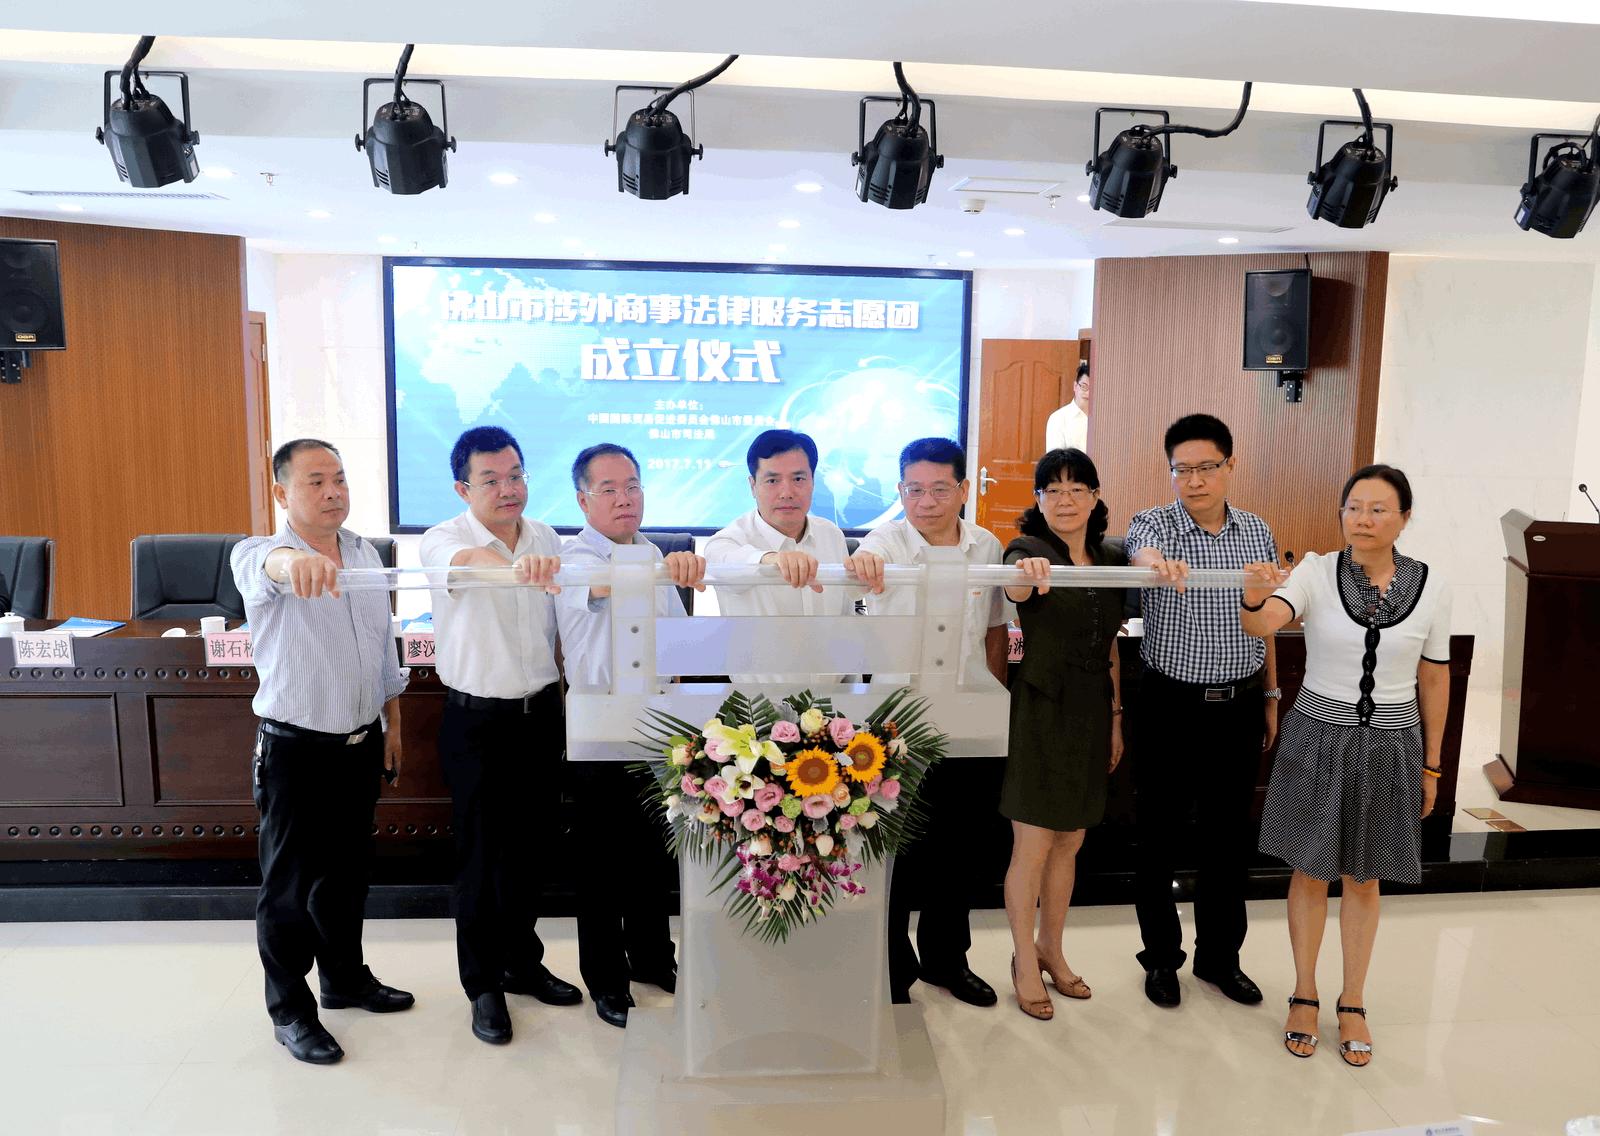 广东首个涉外商事法律服务志愿团成立